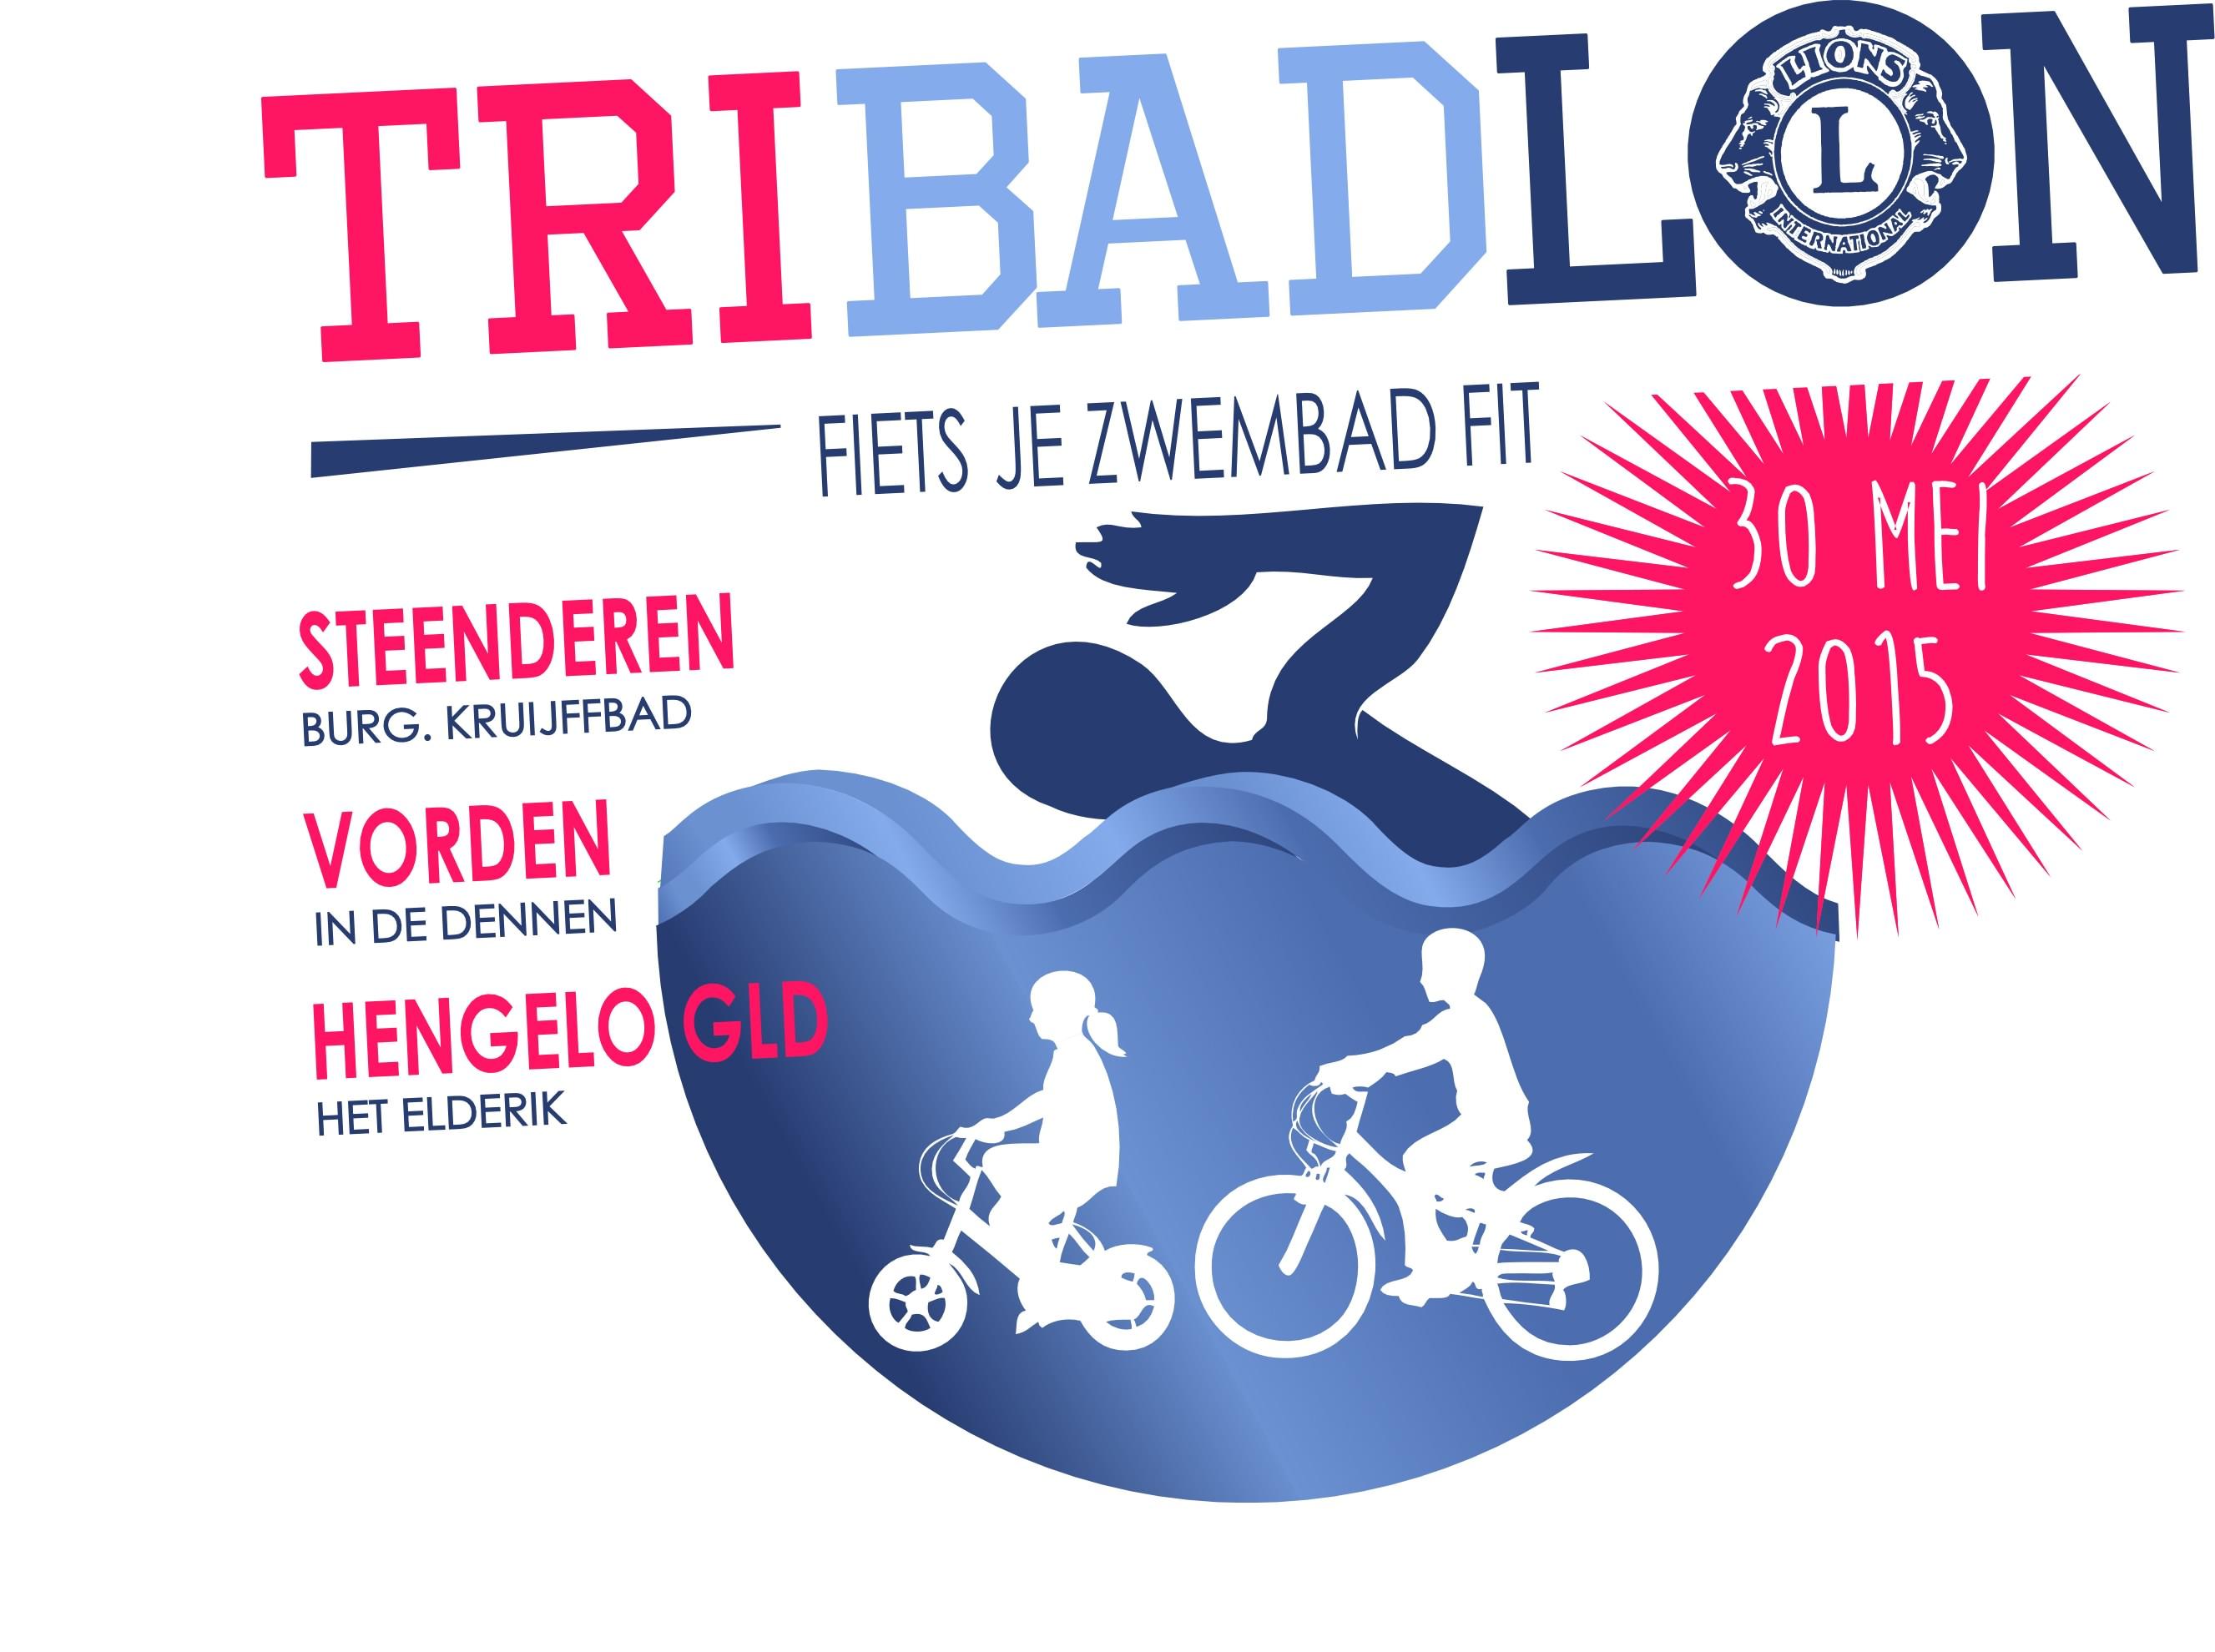 Fiets je zwembad fit op zaterdag 30 mei! – Tribadlon